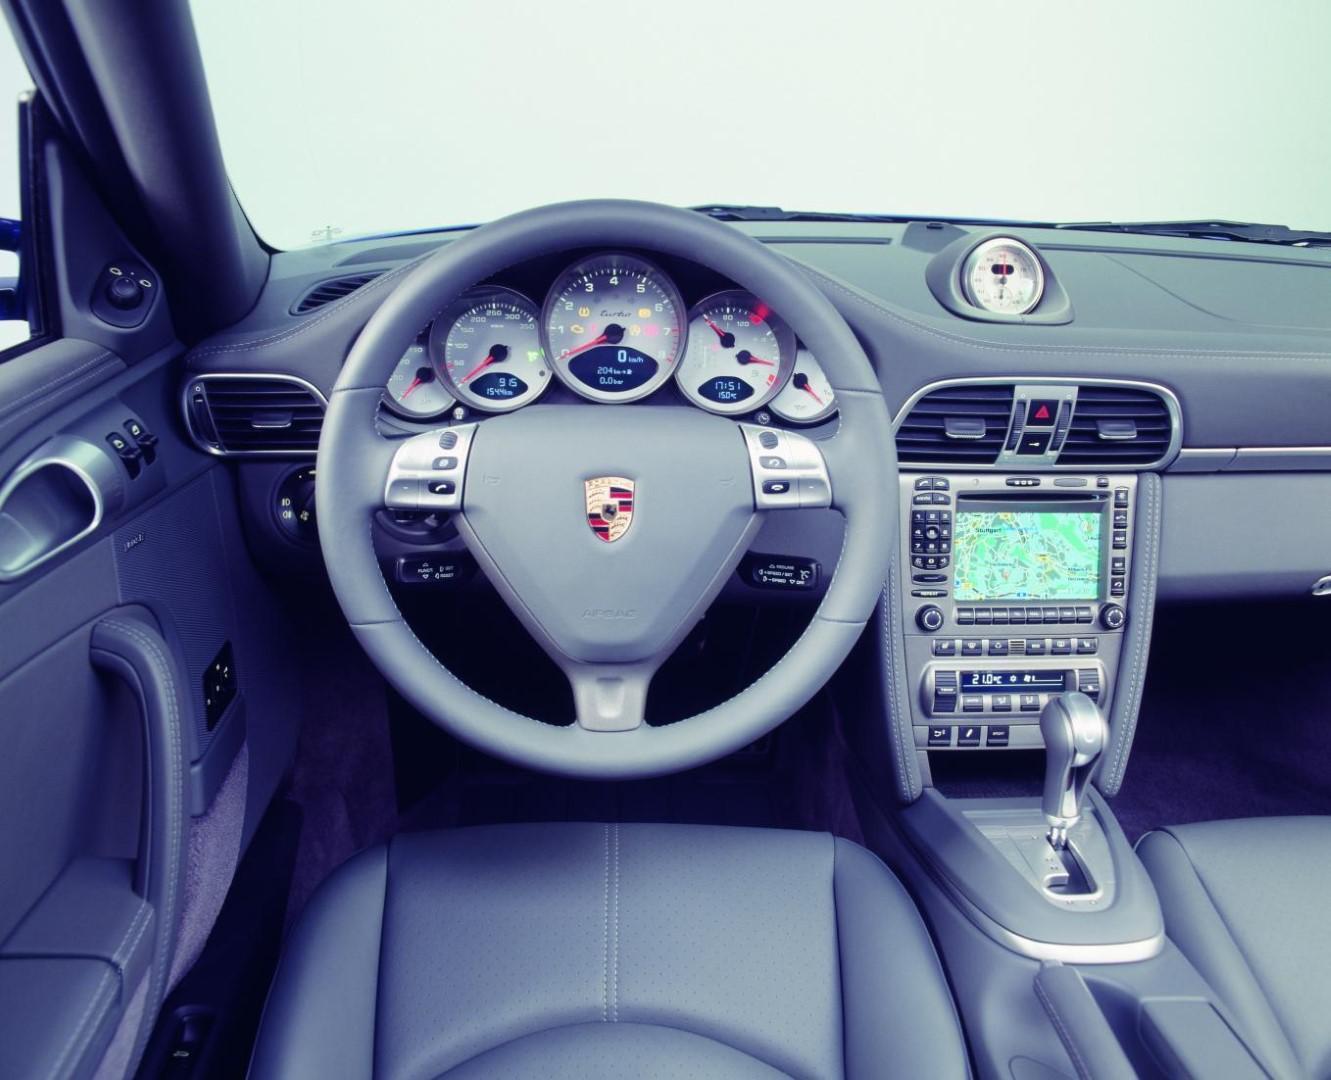 bienvenue-a-bord-de-la-911-turbo-des-annees-70-a-nos-jours-1276-5.jpg